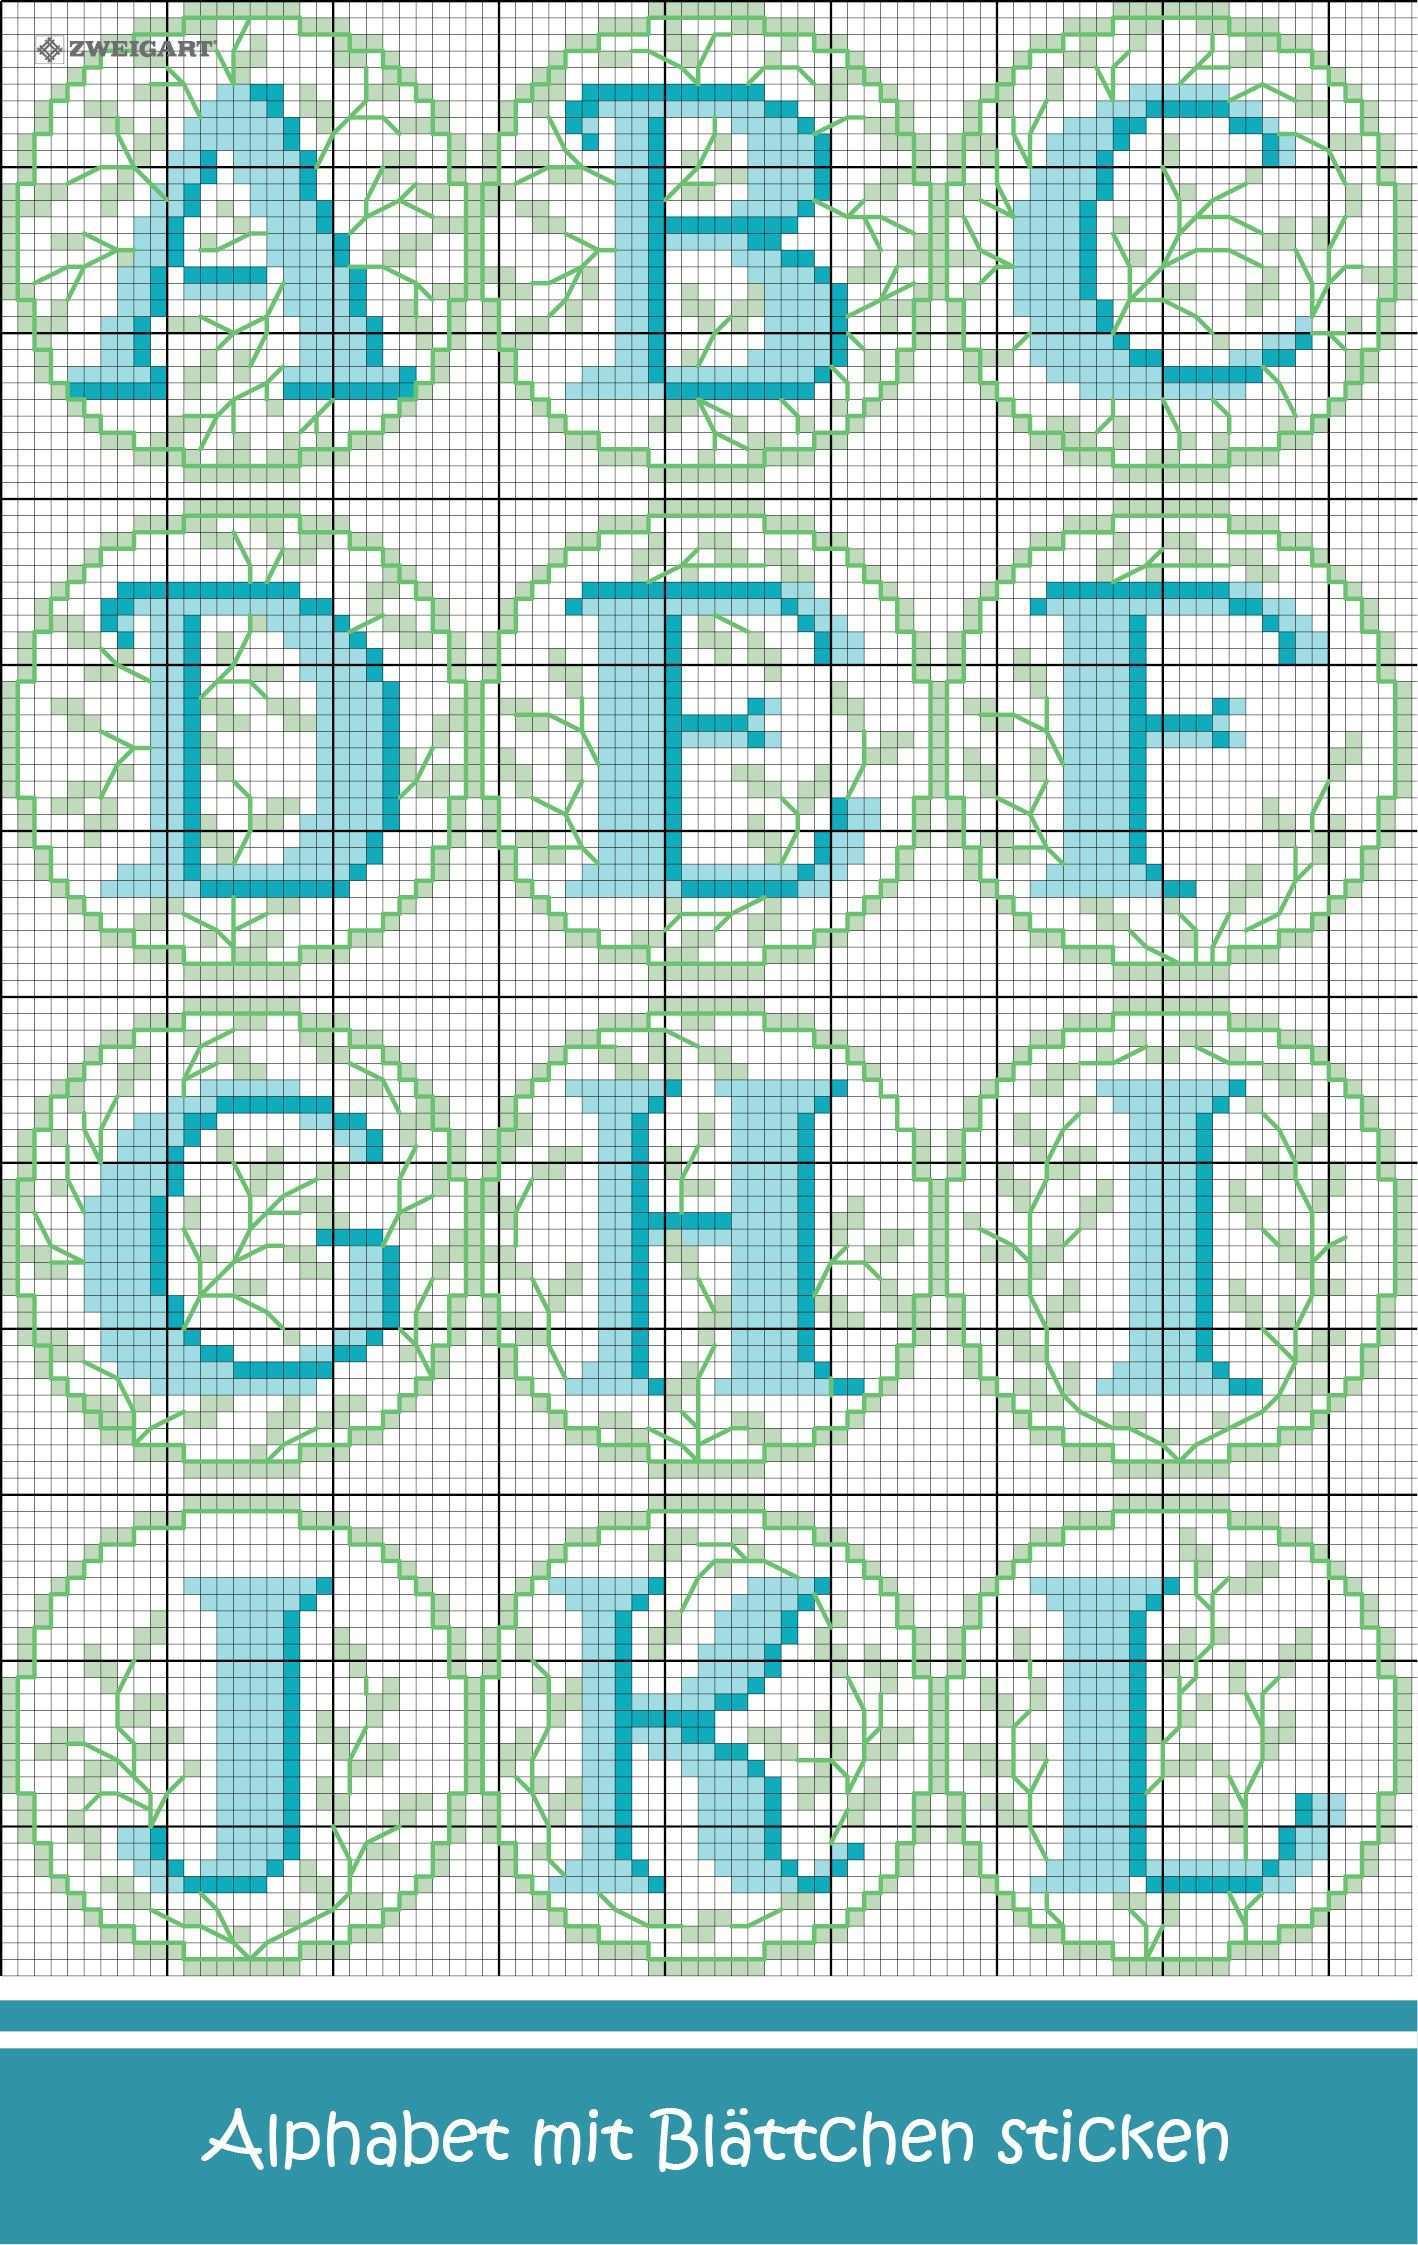 Alphabet Mit Kleinen Blattern Sticken Entdecke Zahlreiche Kostenlose Charts Zum Sticken Alphabet Sticken Sticken Kreuzstich Sticken